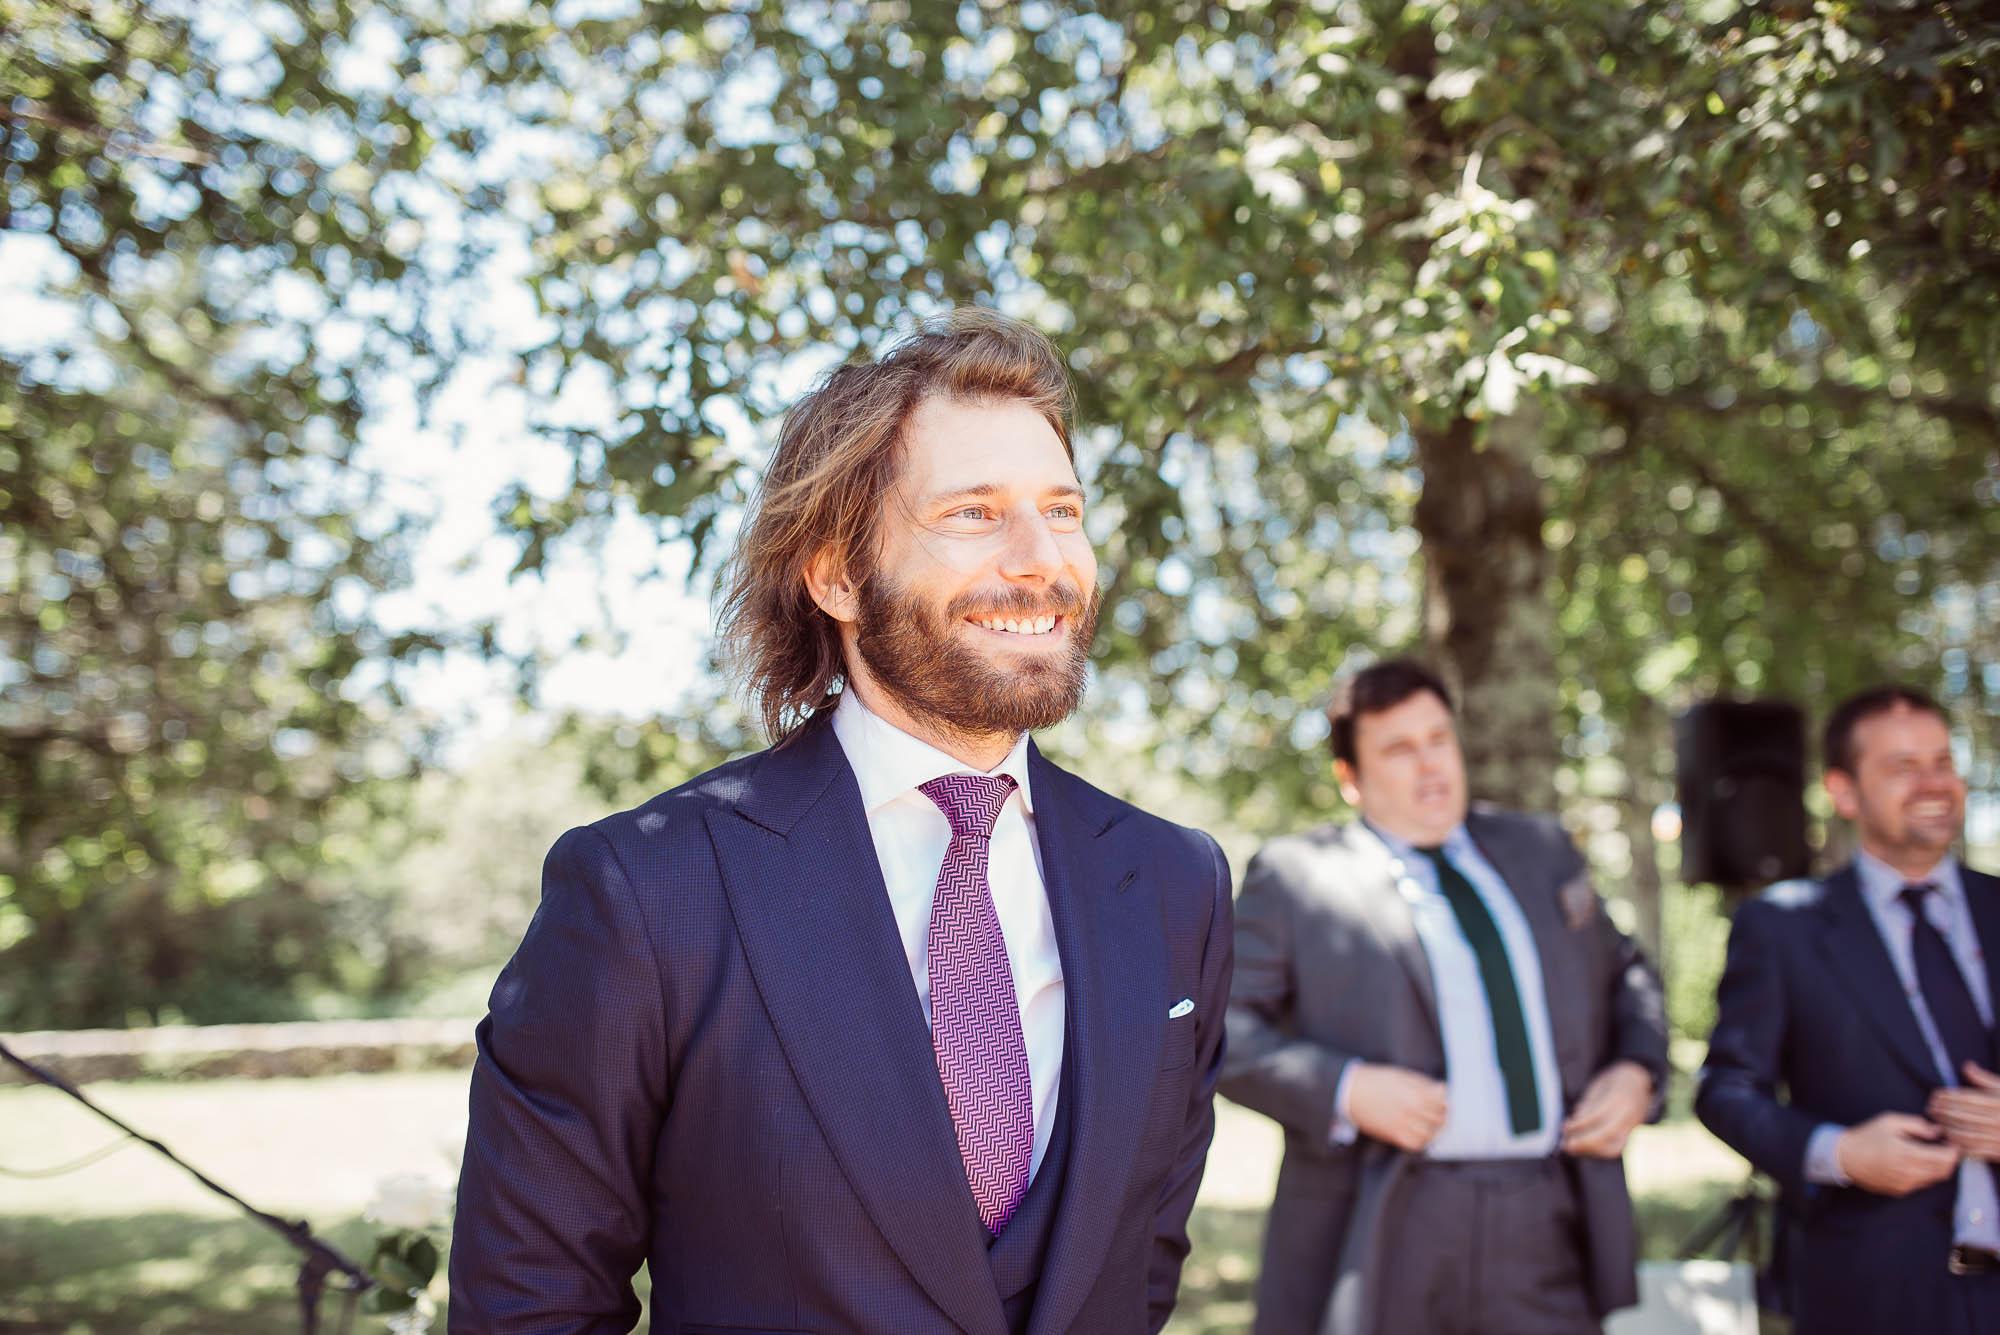 El novio sonríe emocionado al ver a la novia caminando hacia el altar